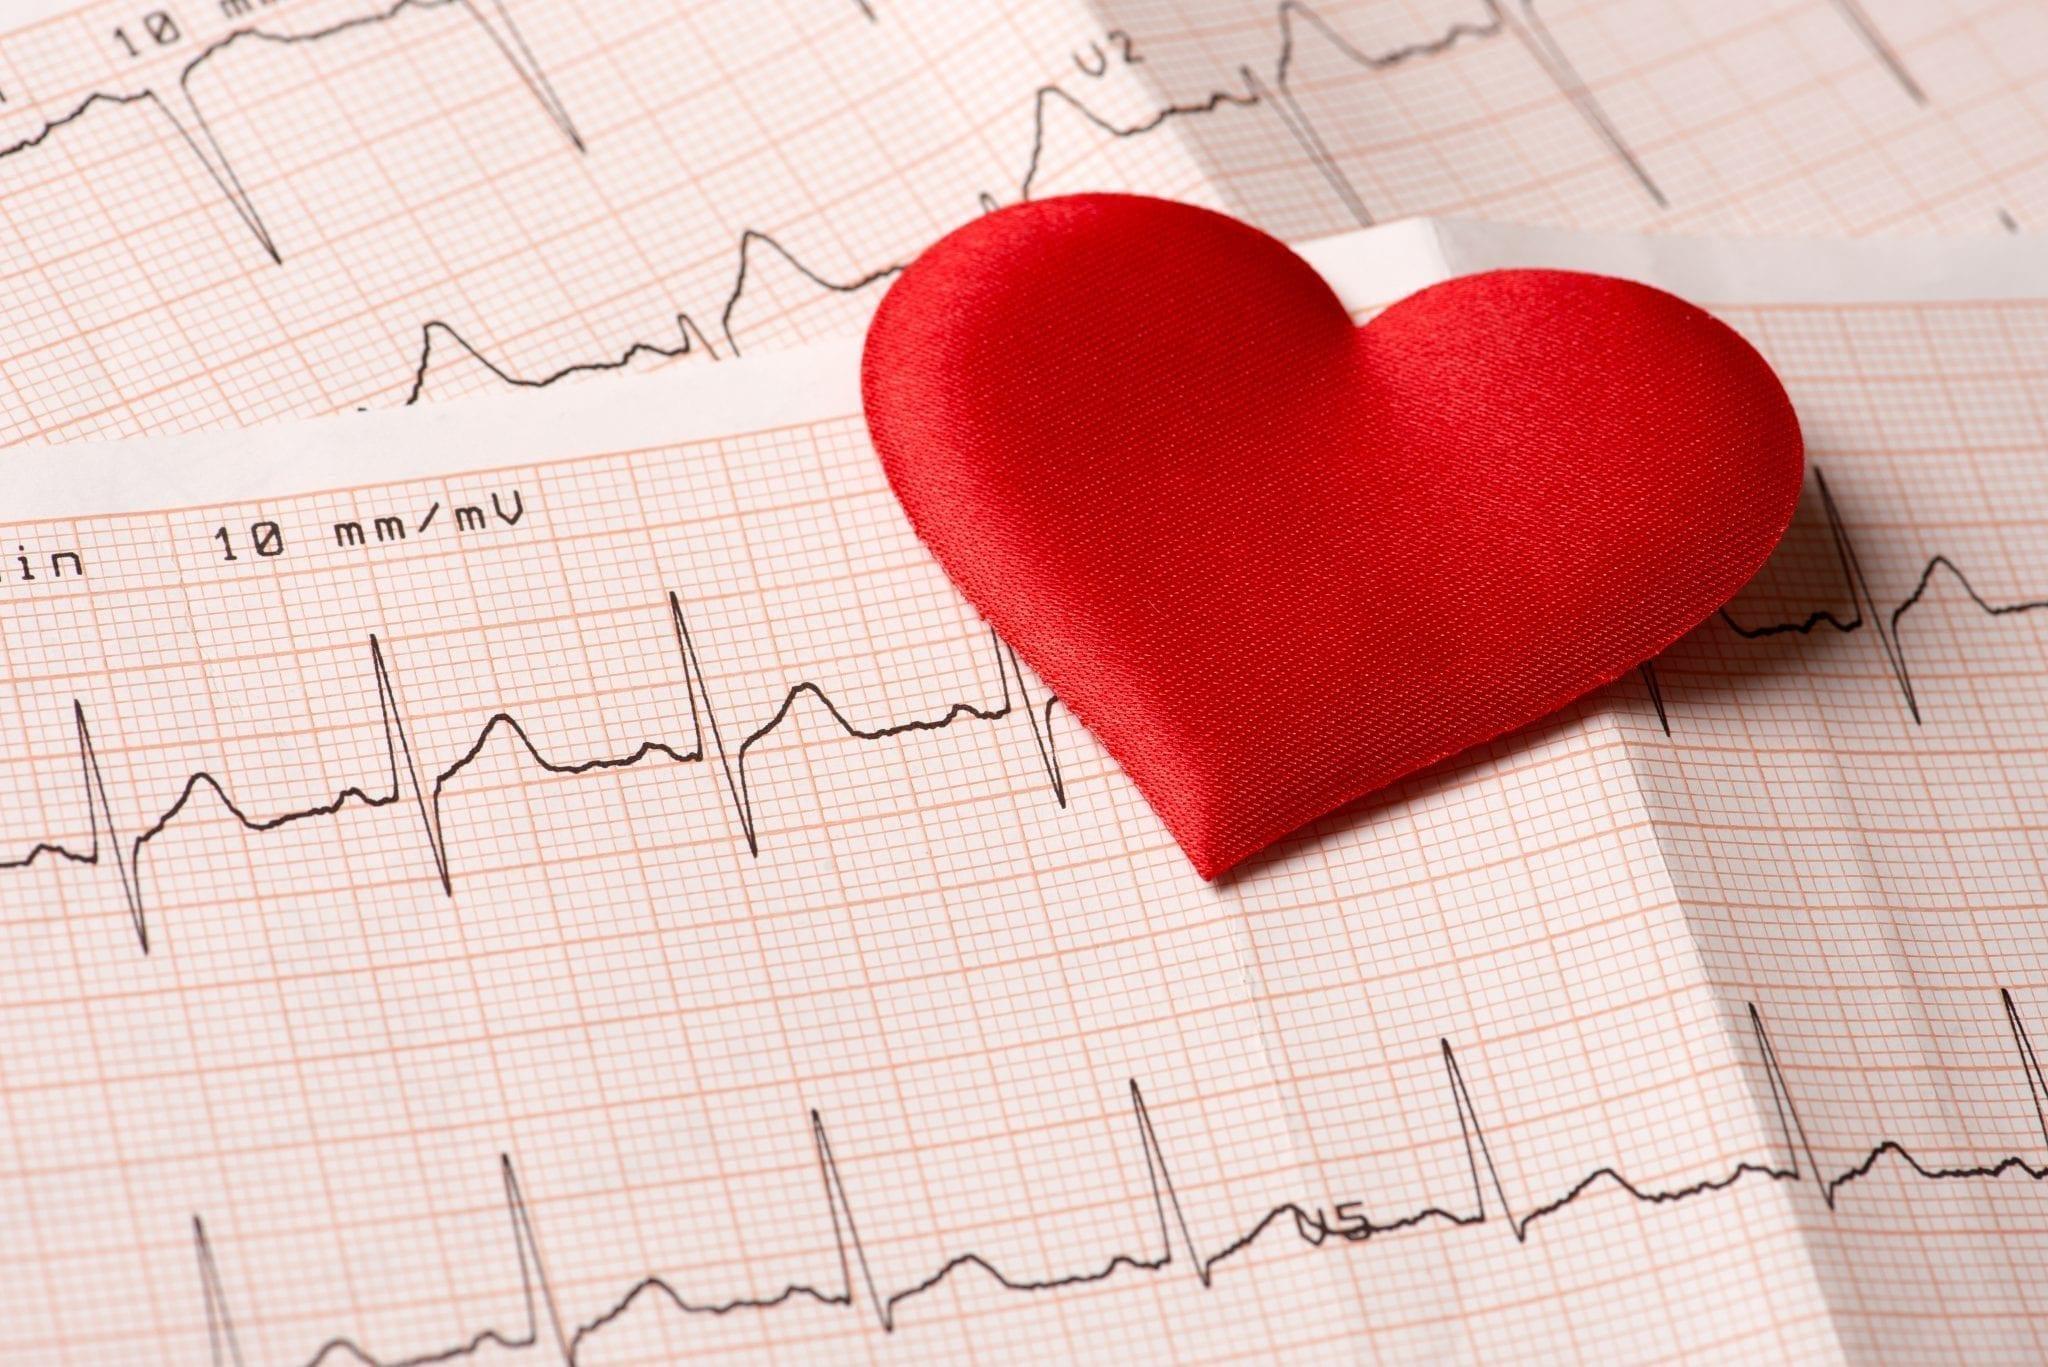 Meddi – salud inteligente – Cardiología – cardiólogo - Dr. Carlos Alejandro Chavez G.